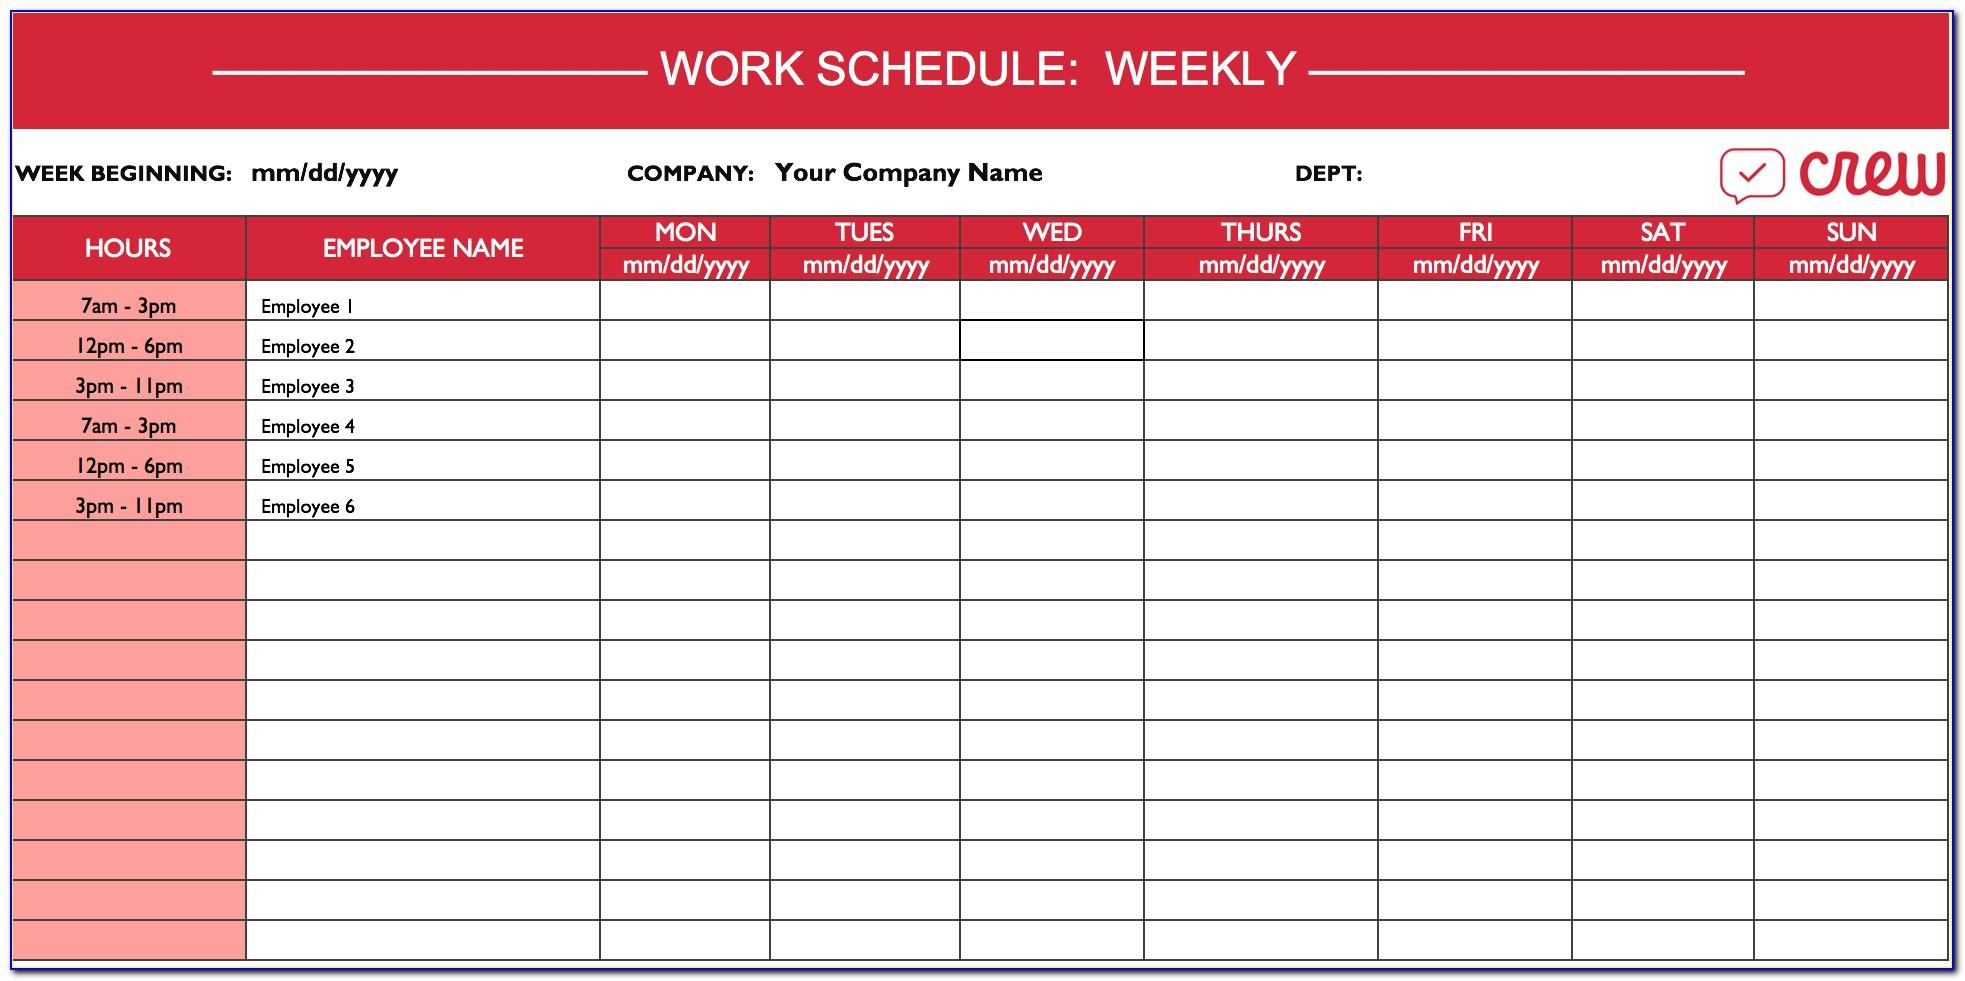 Weekly Work Schedule Template Google Docs